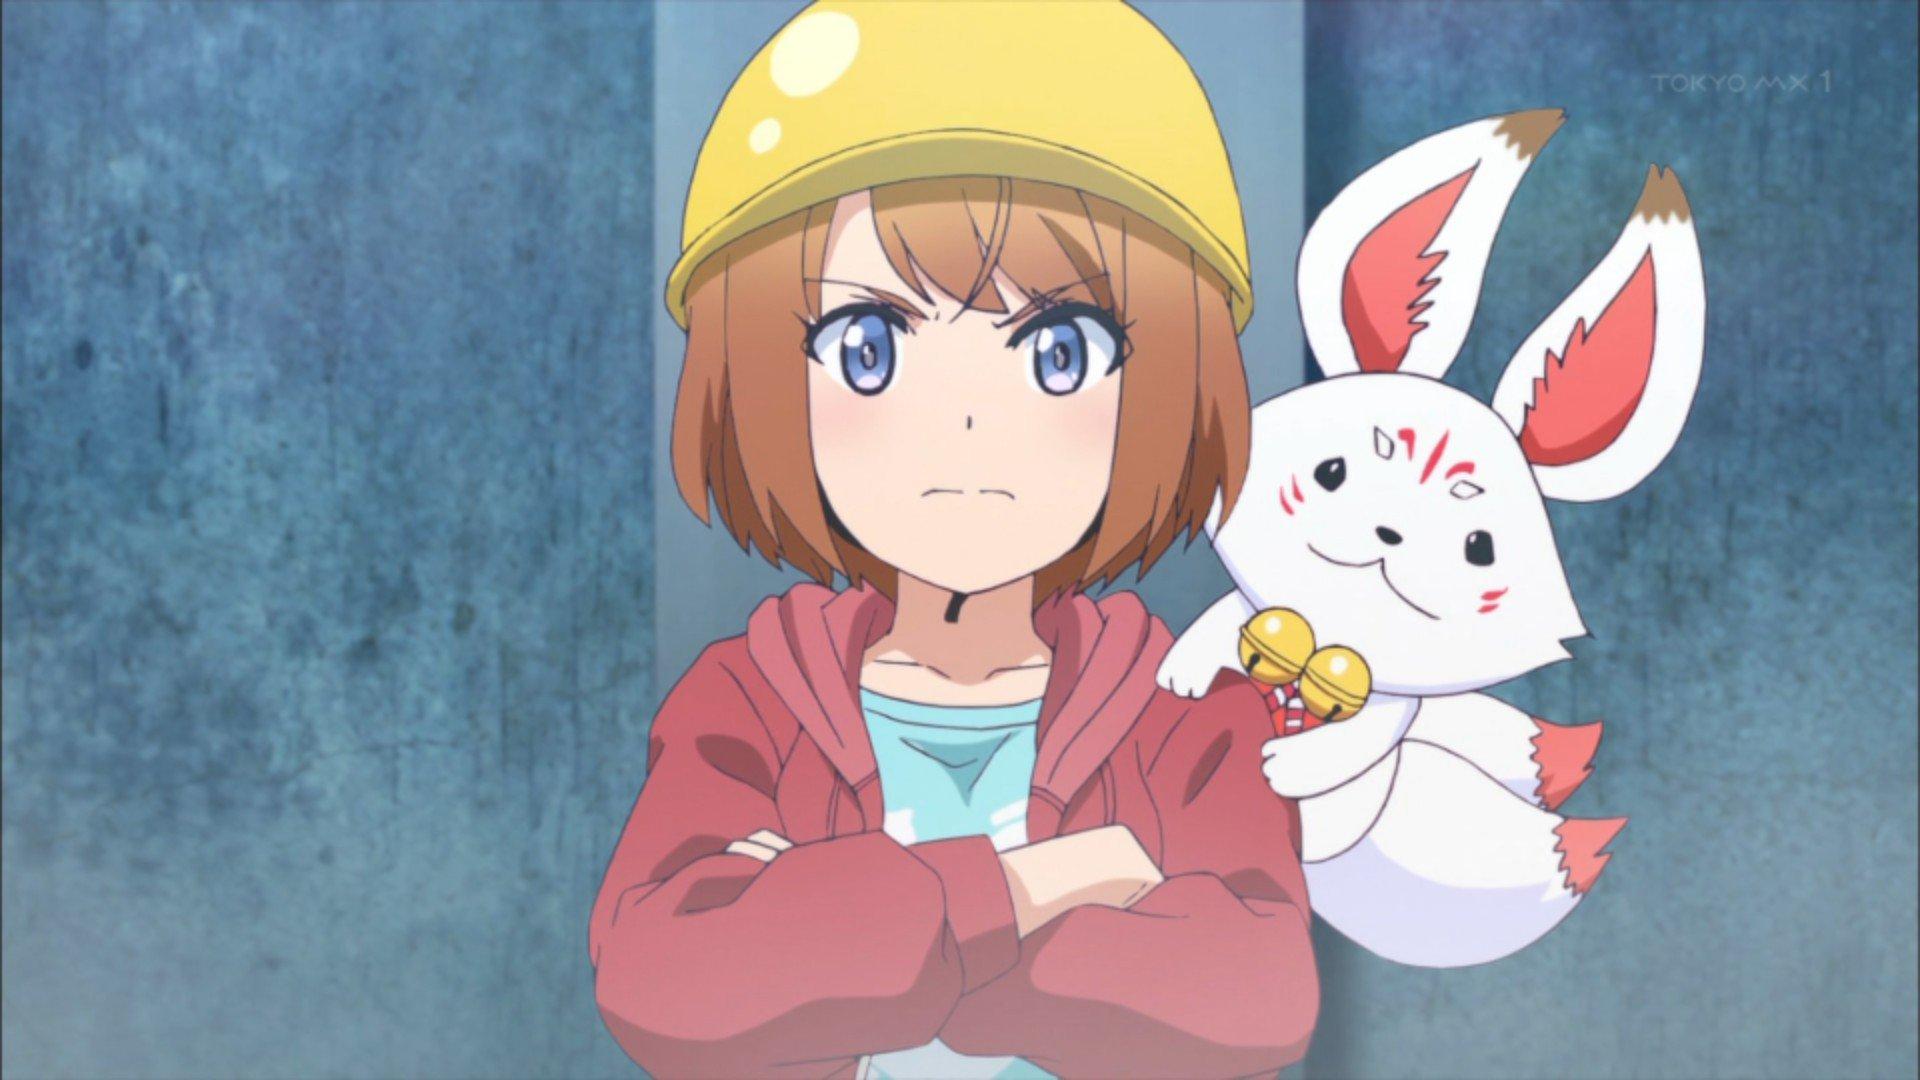 珍しい顔つき #ソラウミアニメ #soraumi_anime https://t.co/Y3dfeD69qq